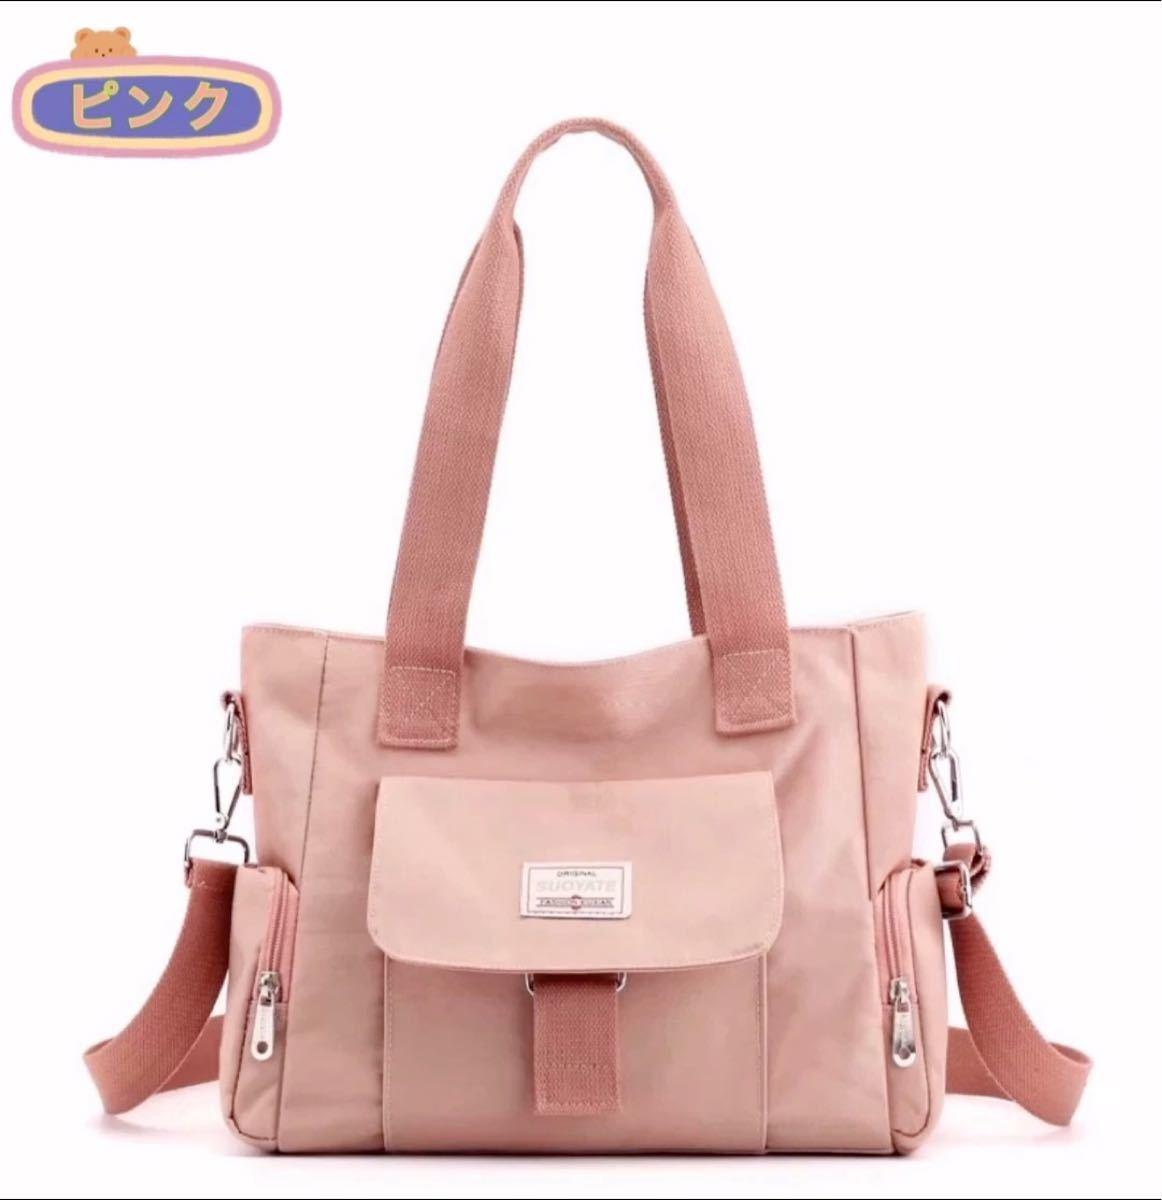 ショルダーバッグ トートバッグ 2way 多機能 大容量 通勤通学バッグ 楽々 撥水加工 新品ピンク